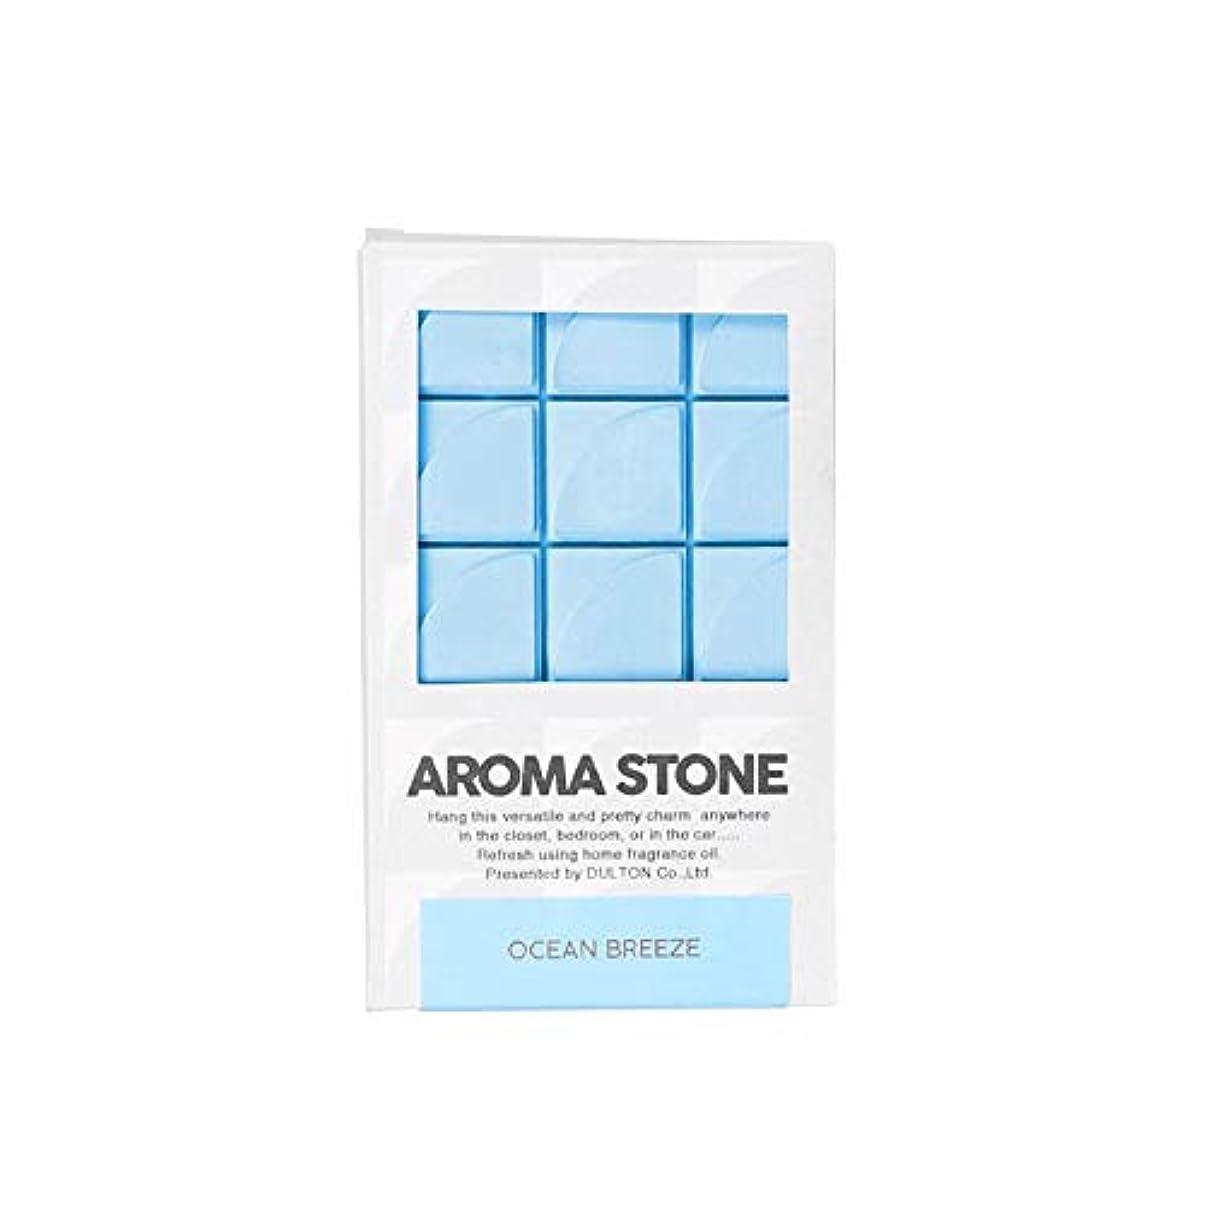 半球オーバーコート送るダルトン Aroma stone アロマストーン G975-1268 Ocean breeze